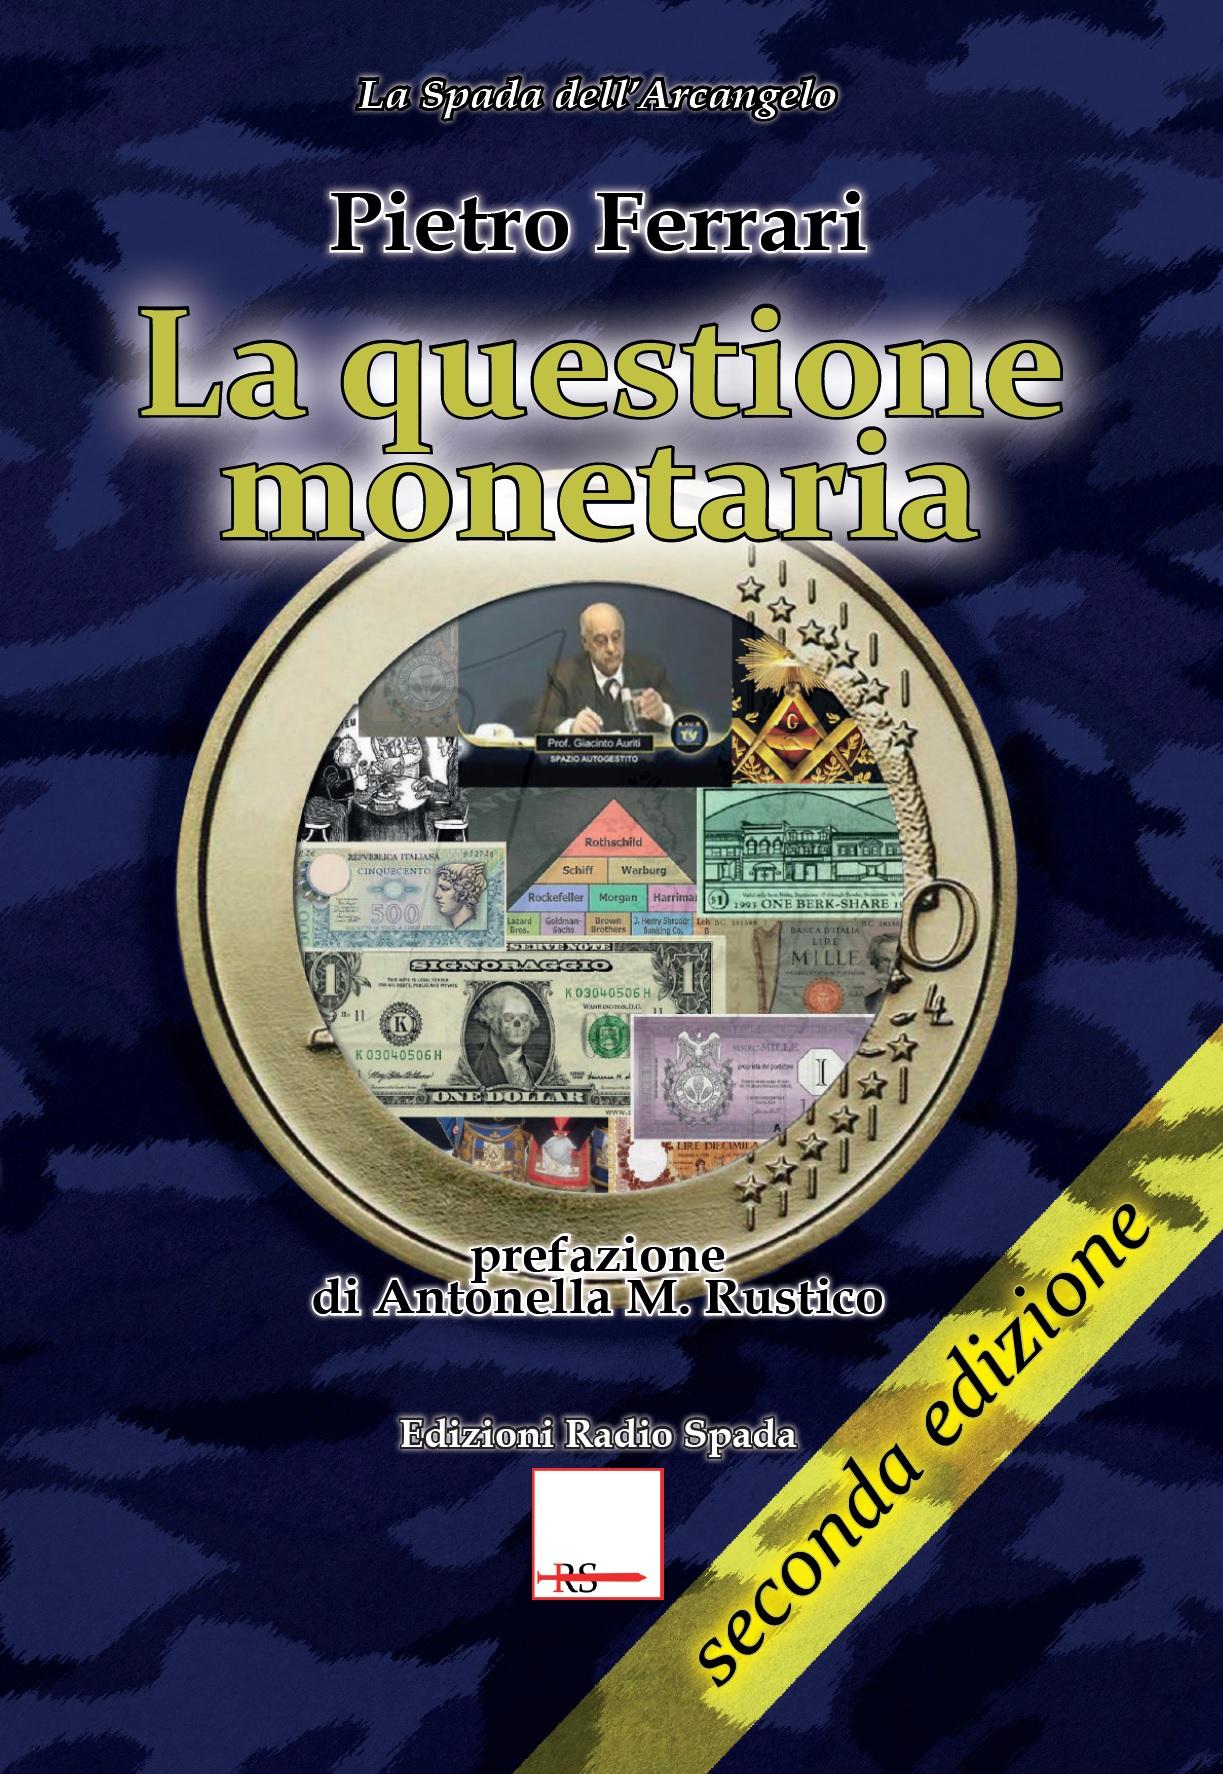 La Questione monetaria (seconda edizione)